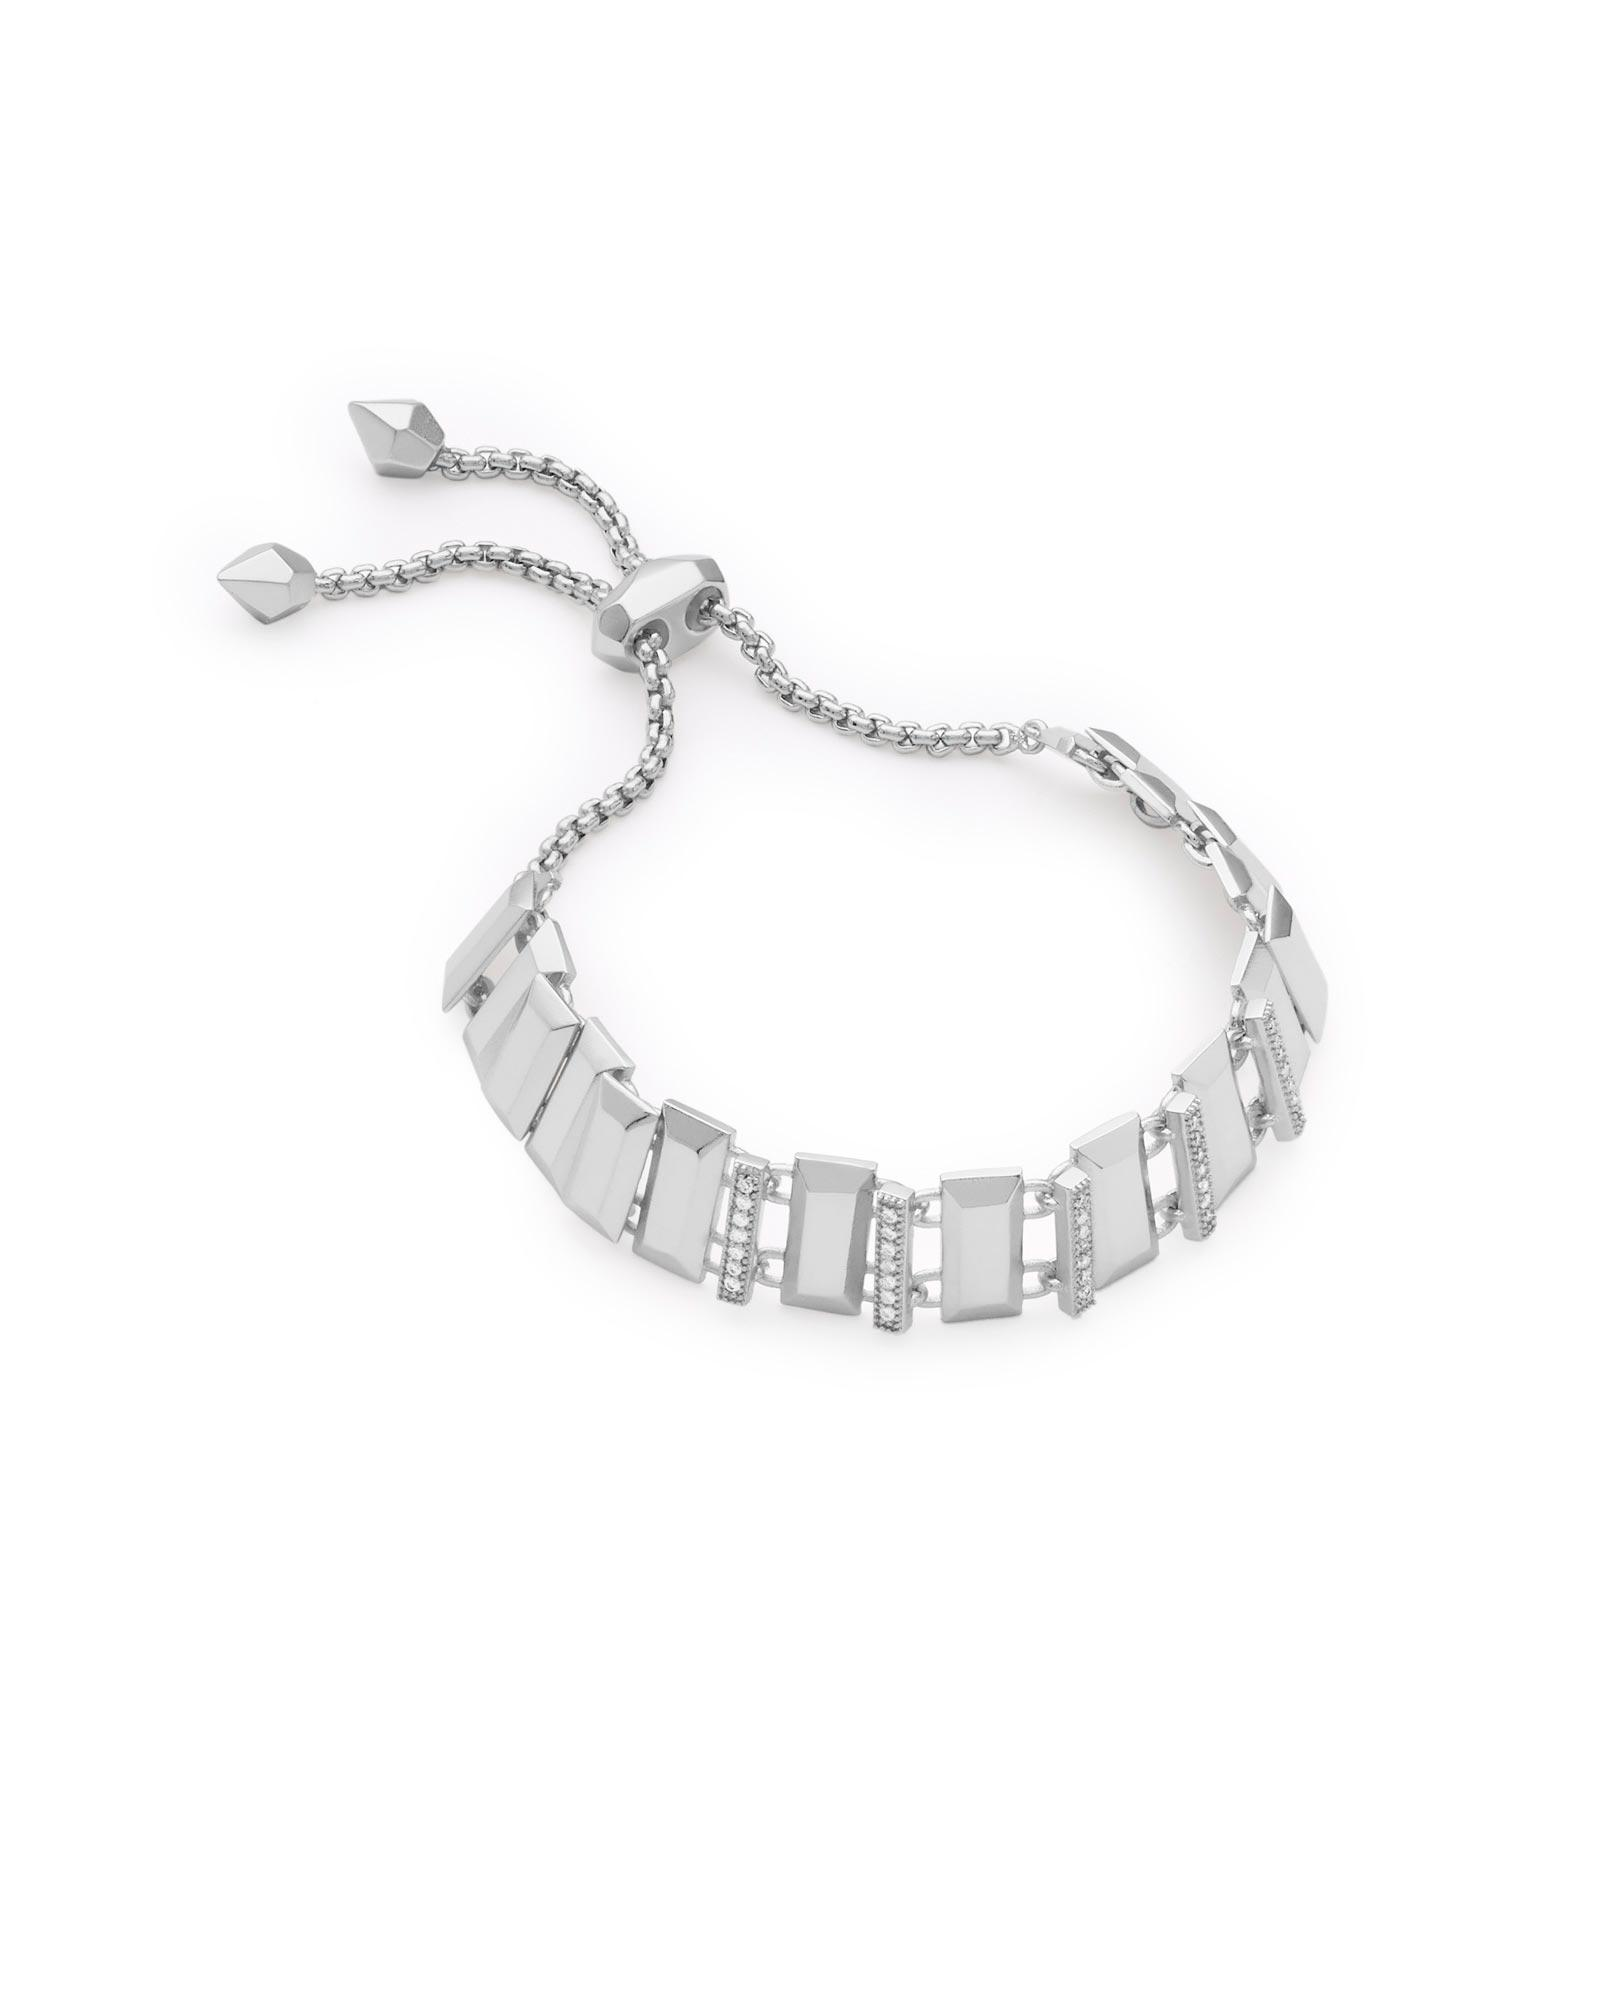 c3ef0209838474 Lyst - Kendra Scott Harp Adjustable Chain Bracelet In Silver in Metallic